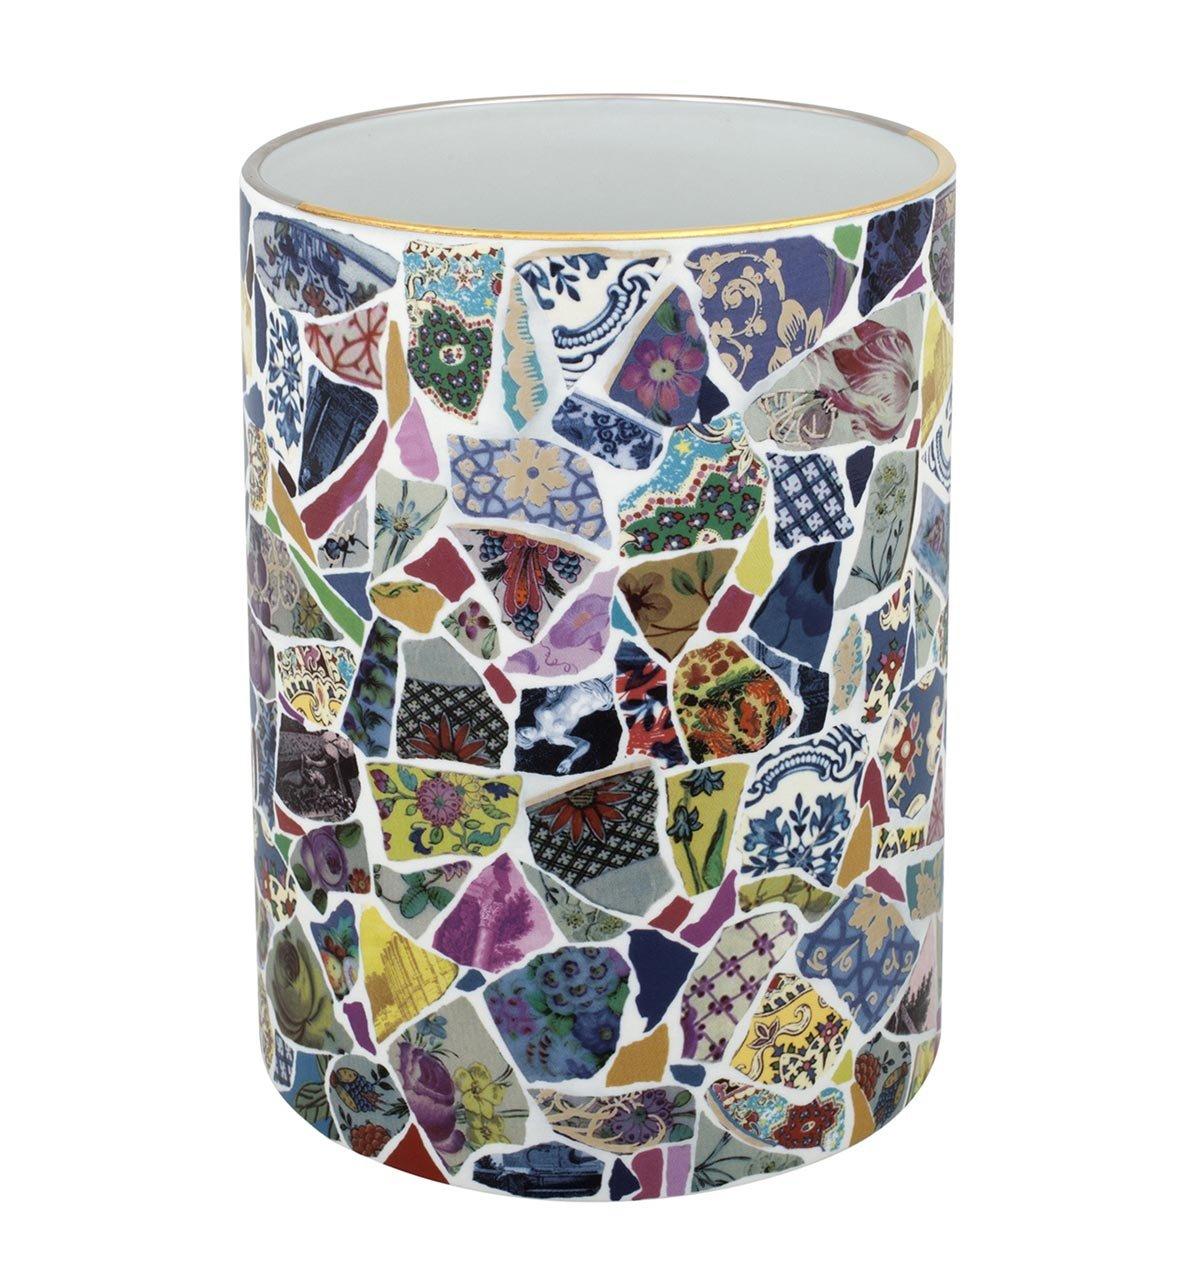 VISTA ALEGRE - Picassiette by Christian Lacroix (Ref # 21117756) Porcelain Vase